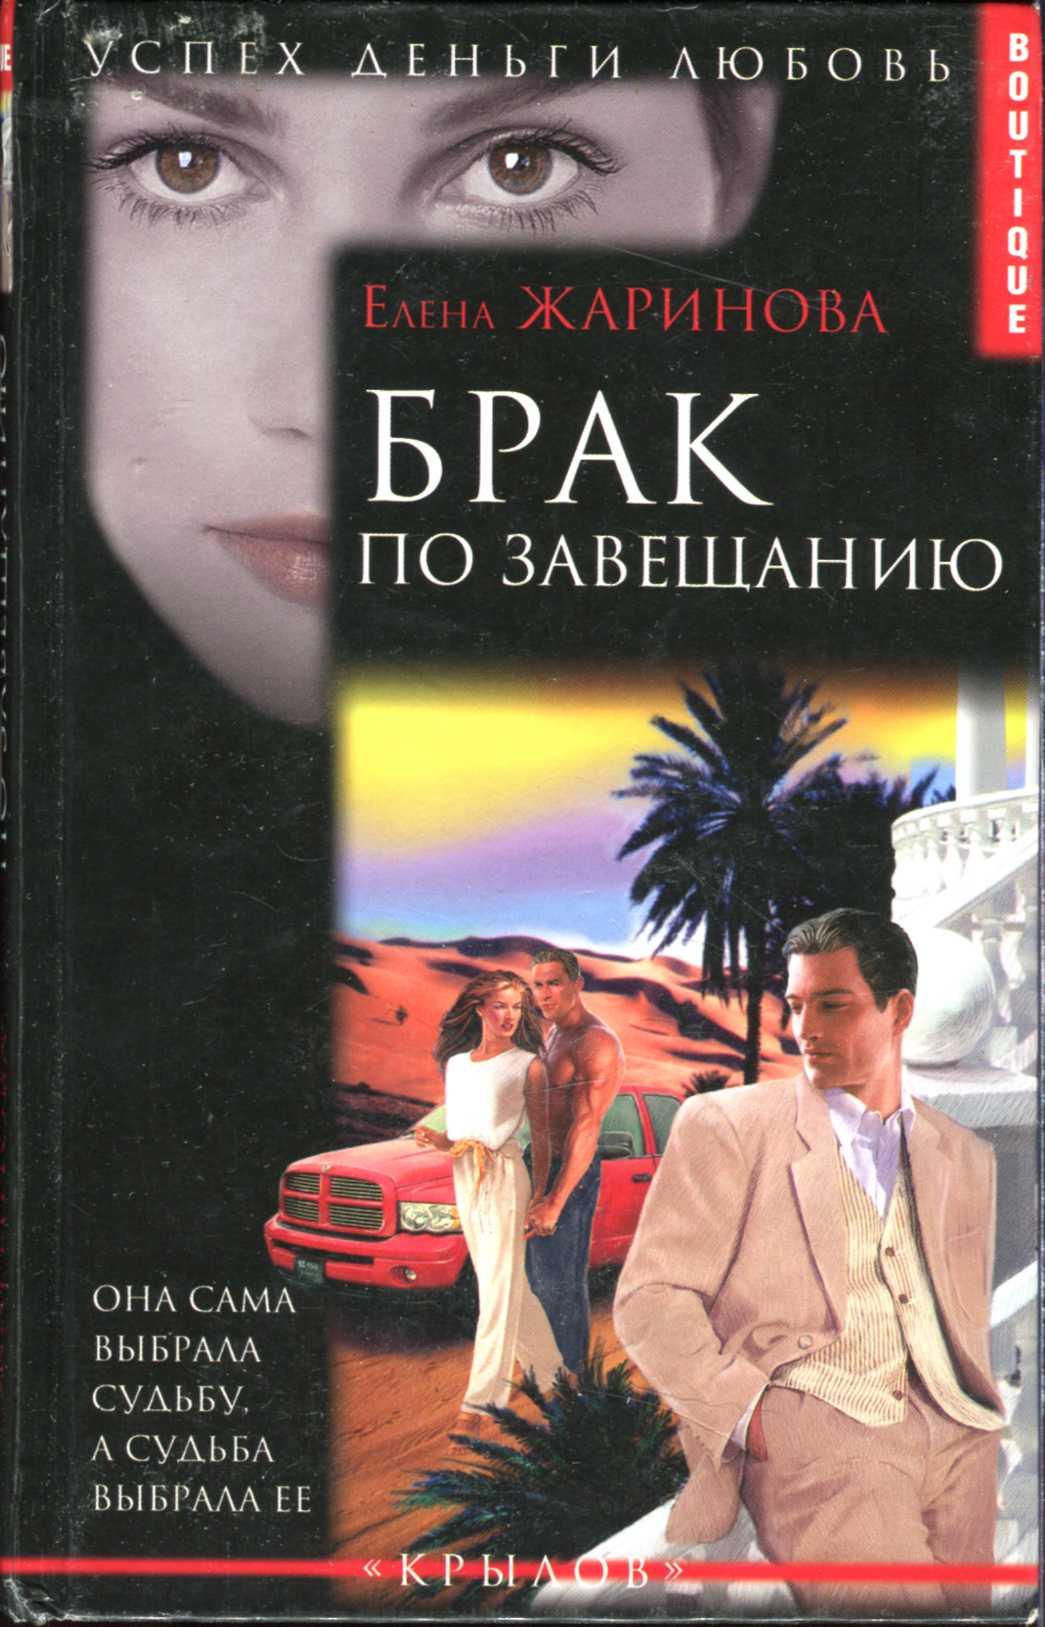 Брак по завещанию книга скачать бесплатно